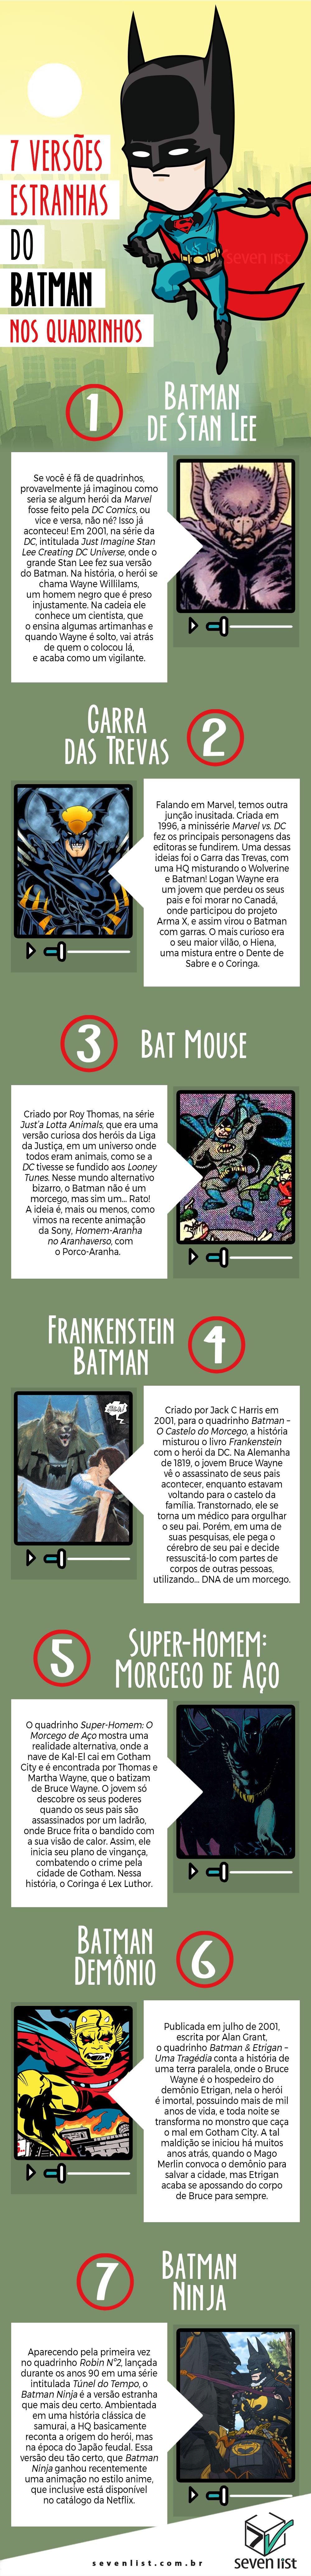 7 VERSÕES ESTRANHAS DO BATMAN NOS QUADRINHOS - DC COMICS - SEVEN LIST